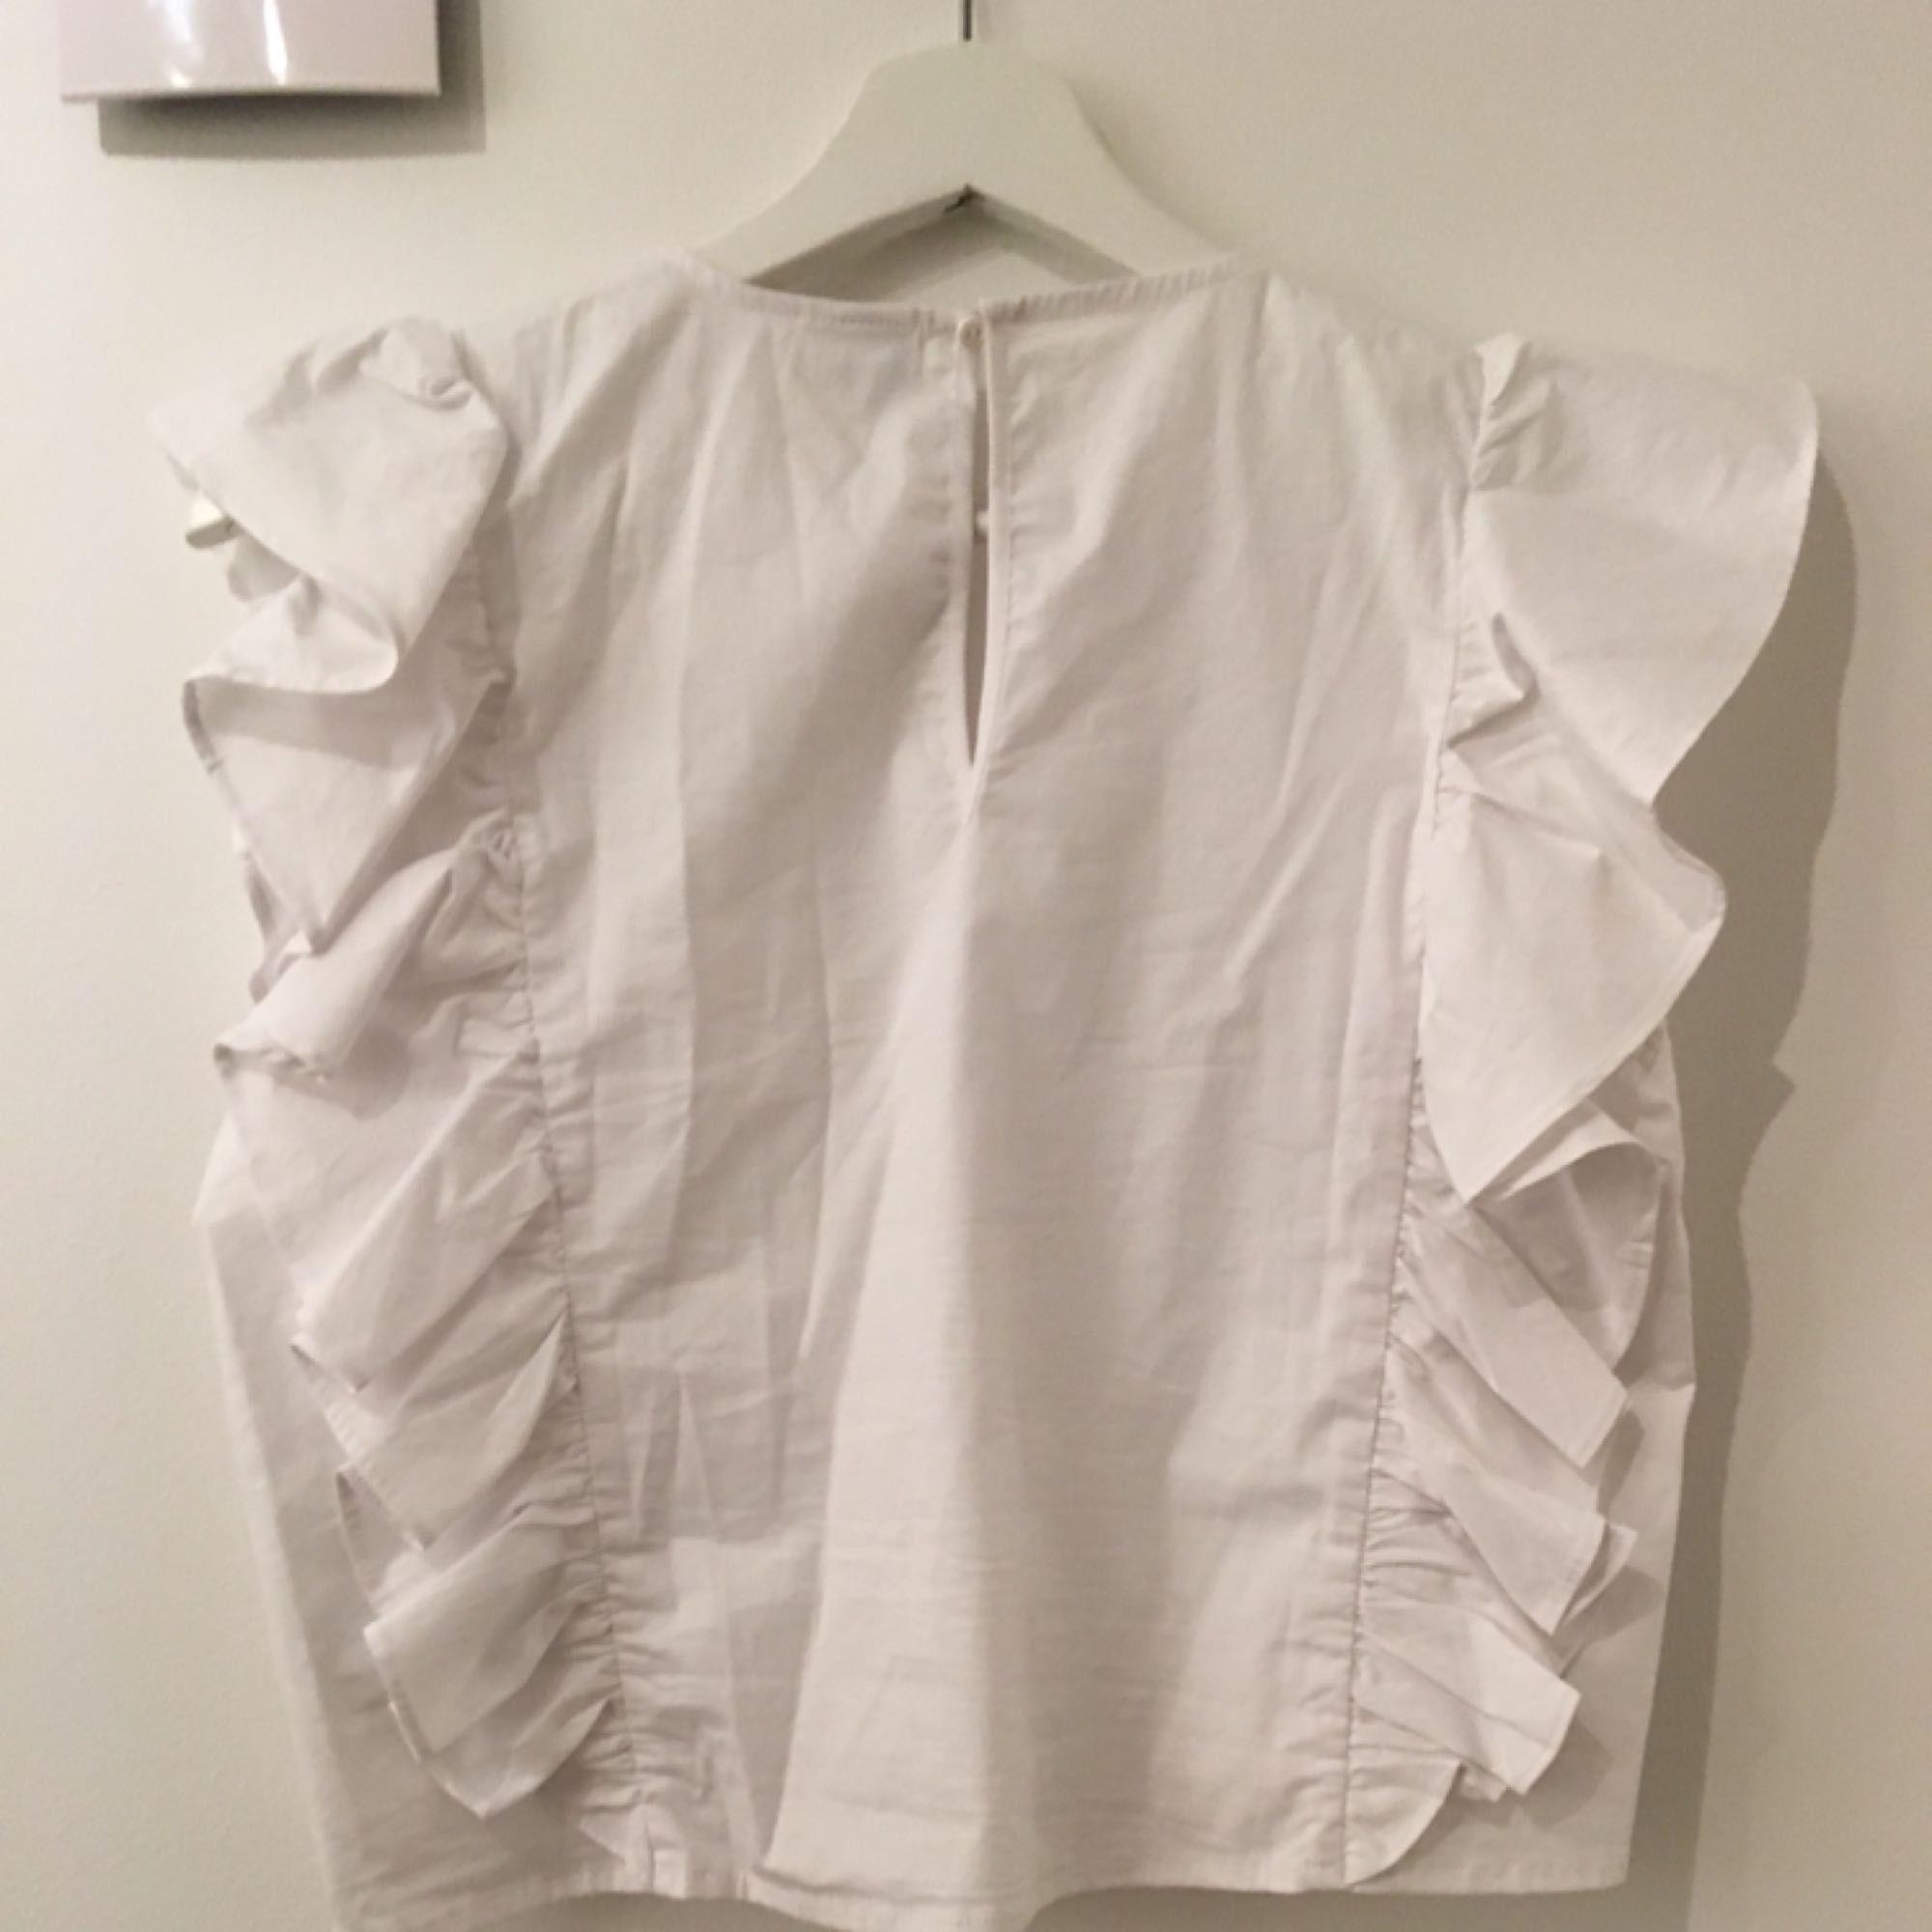 ... Wirklich schöne weiße Spitze von Gina Tricot in Größe M, paßt es auch S. d1efac374e